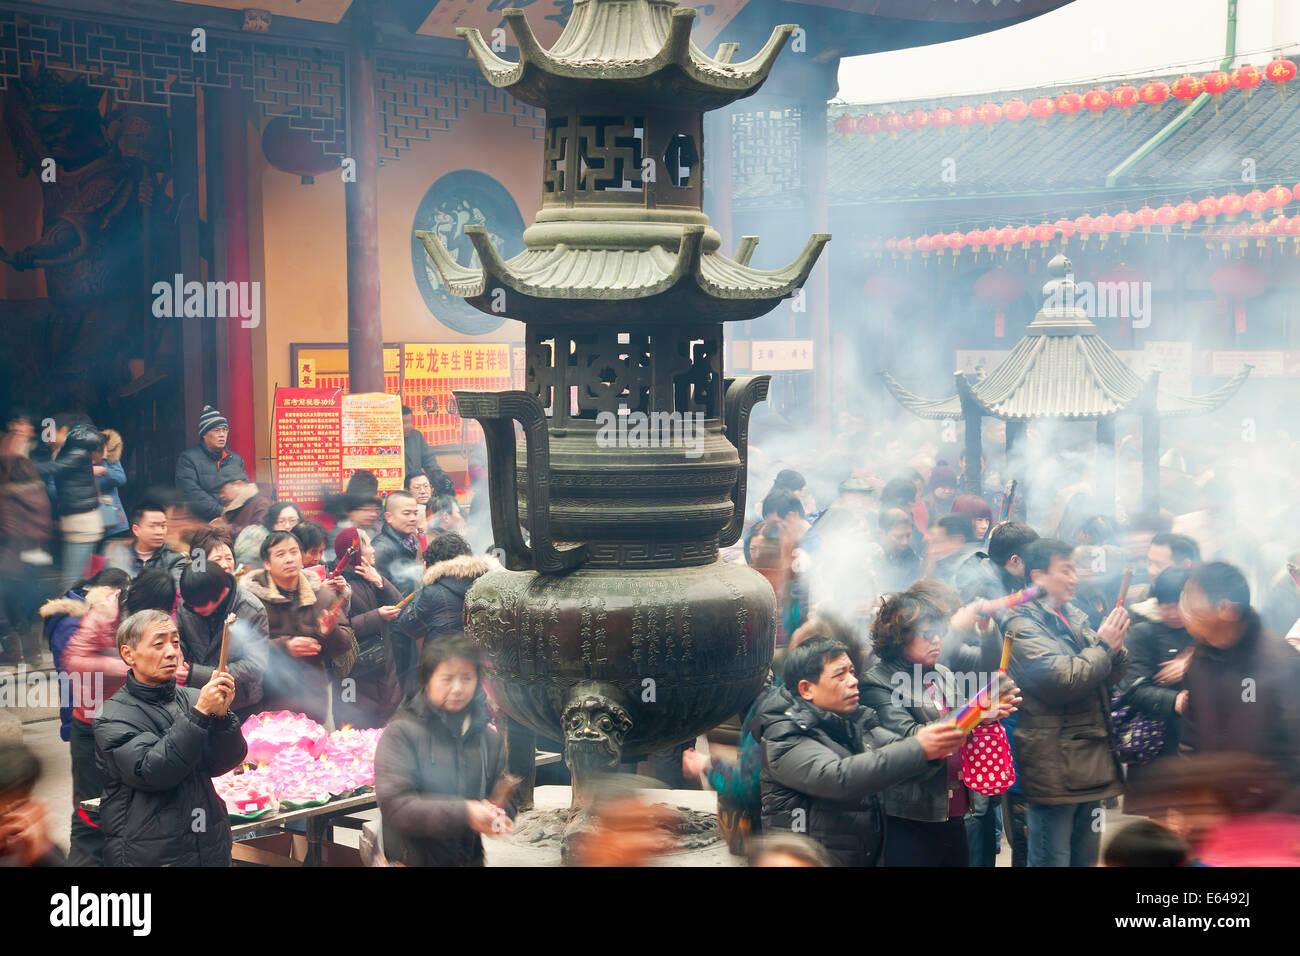 Burning incense, Jade Buddha Temple, Shanghai, China - Stock Image